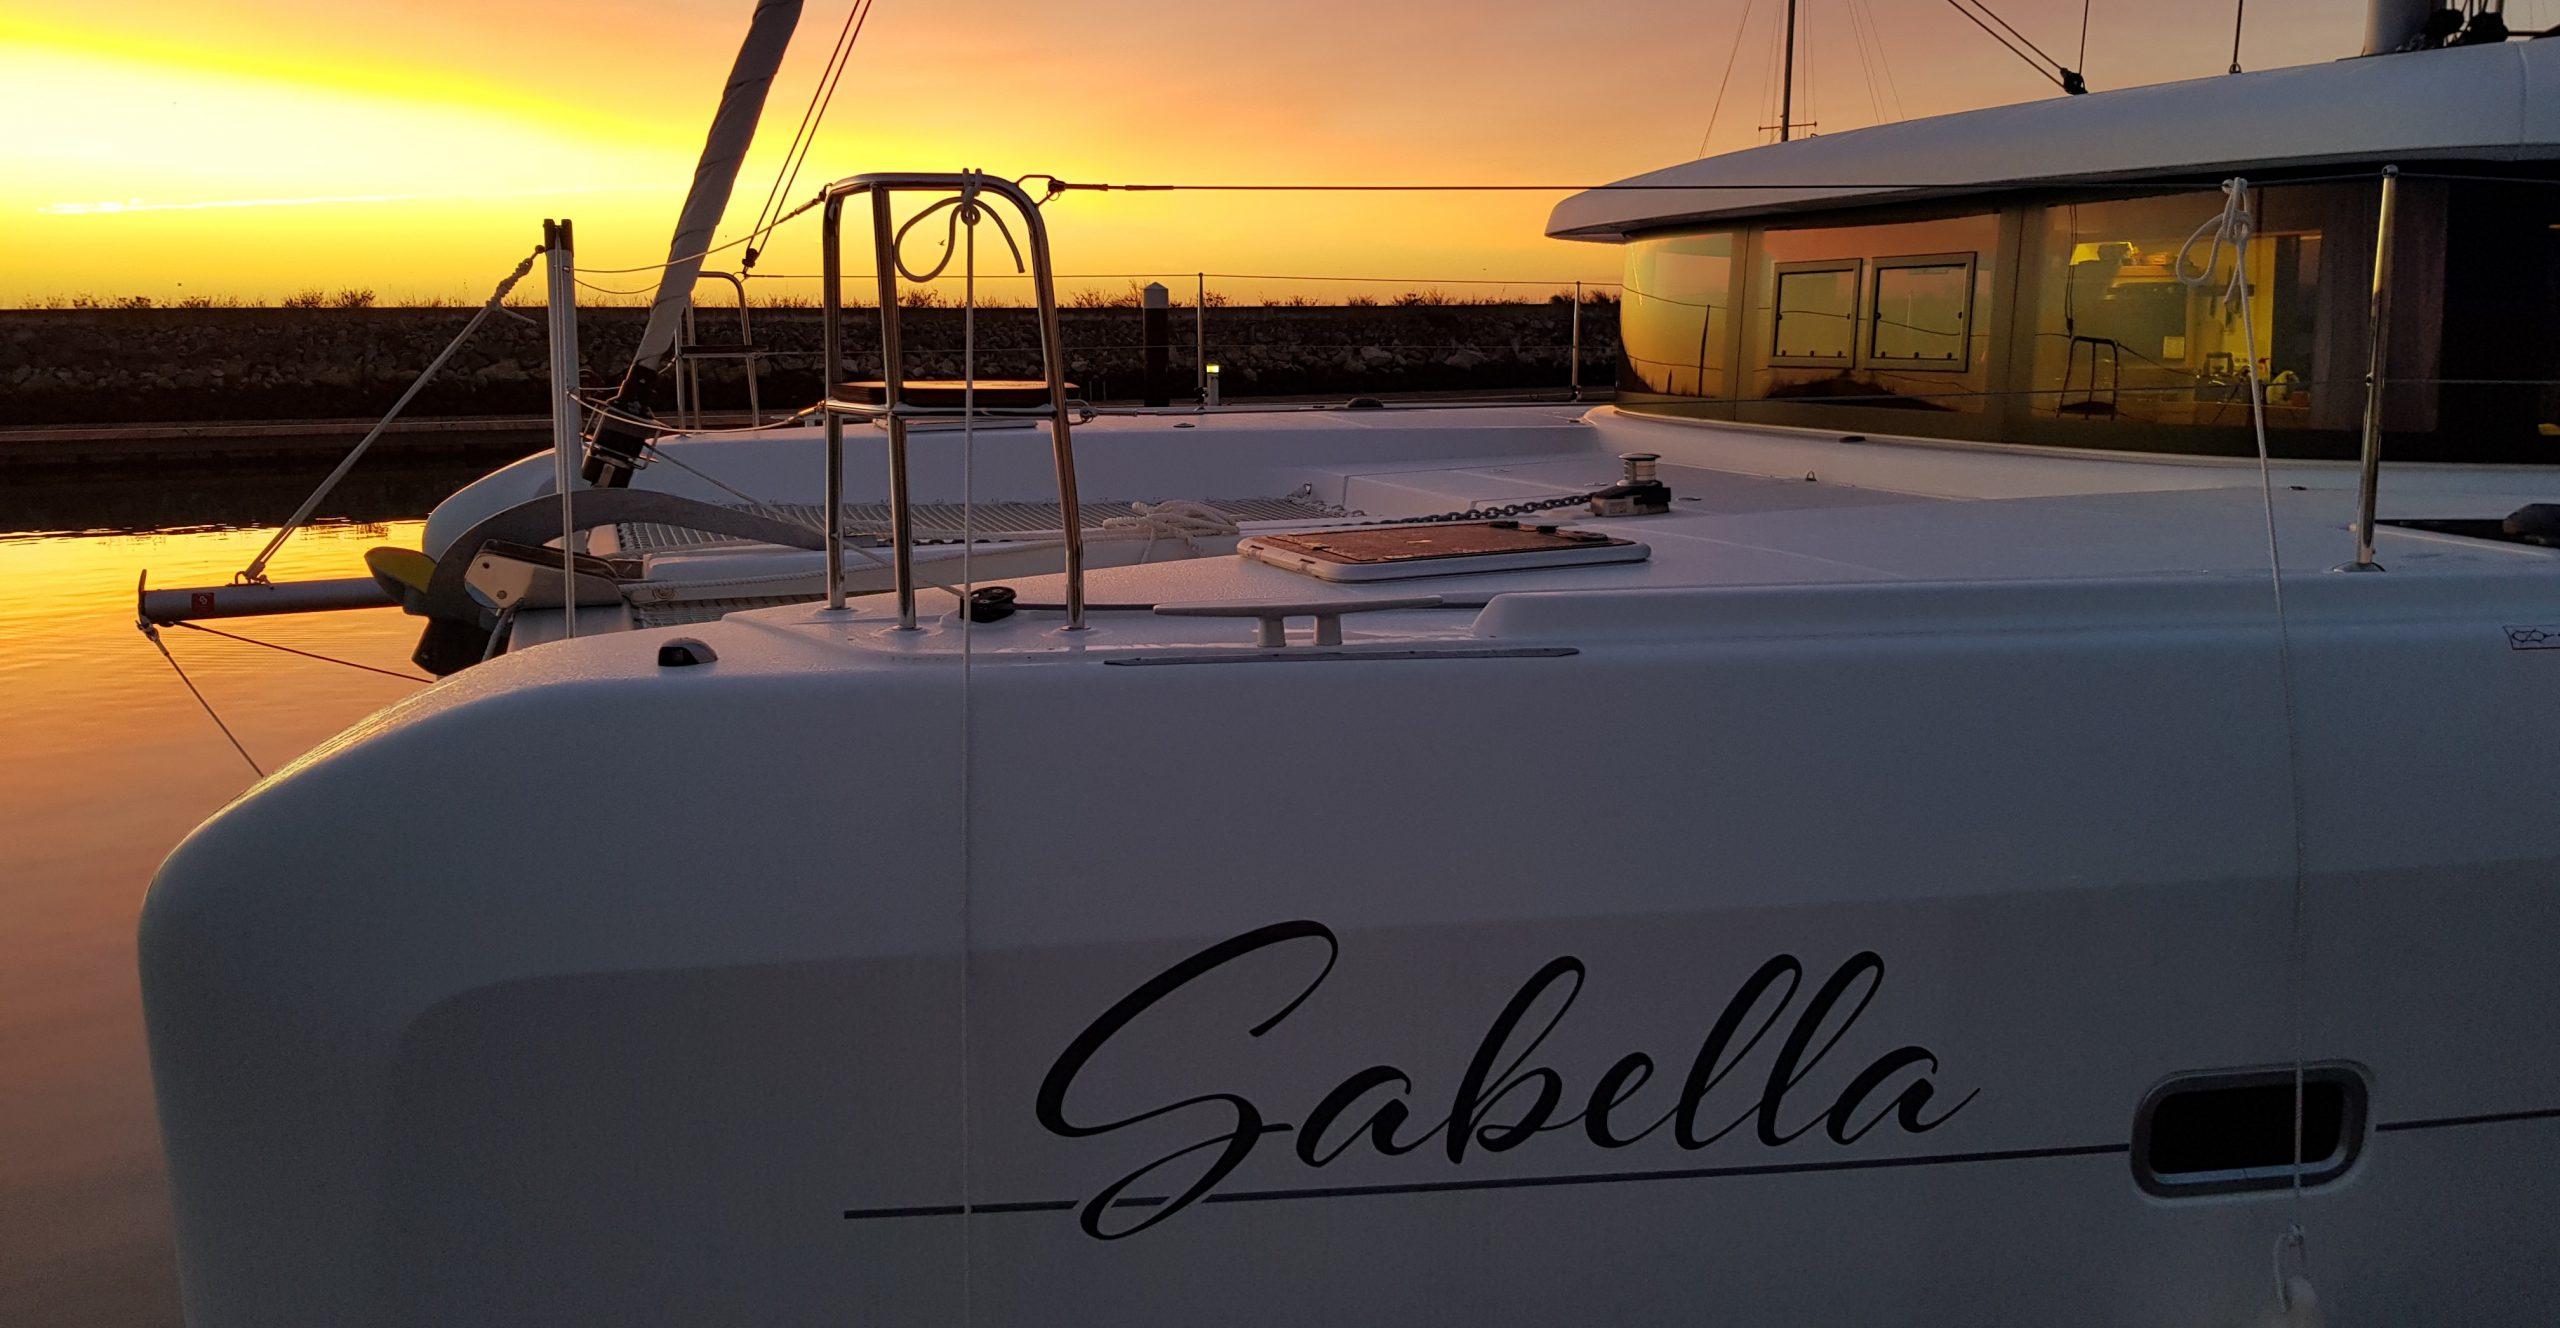 Sailing Sabella